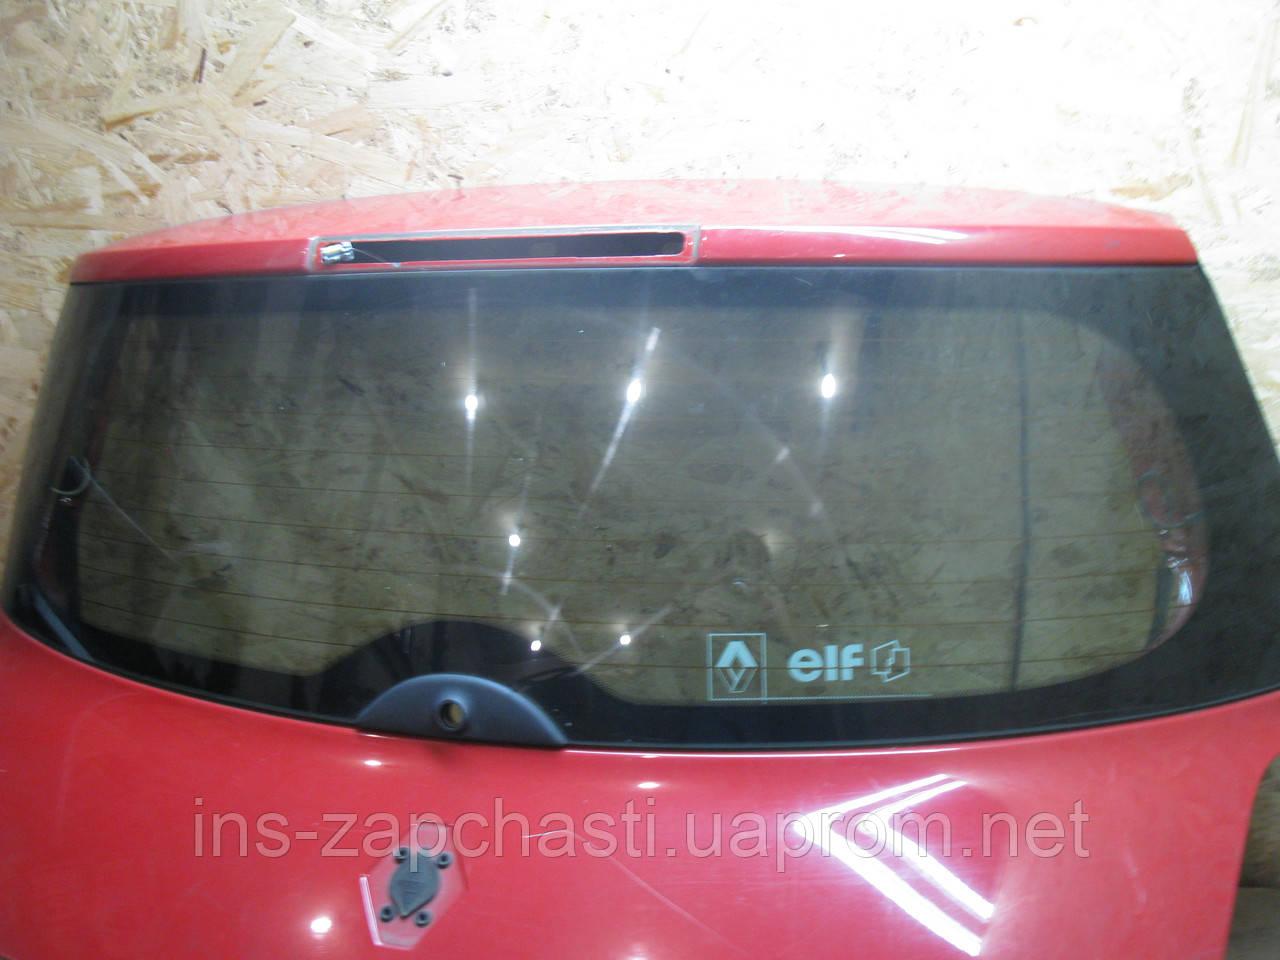 Стекло крышки багажника и комплектующие  Renault Megane II  хэтчбек